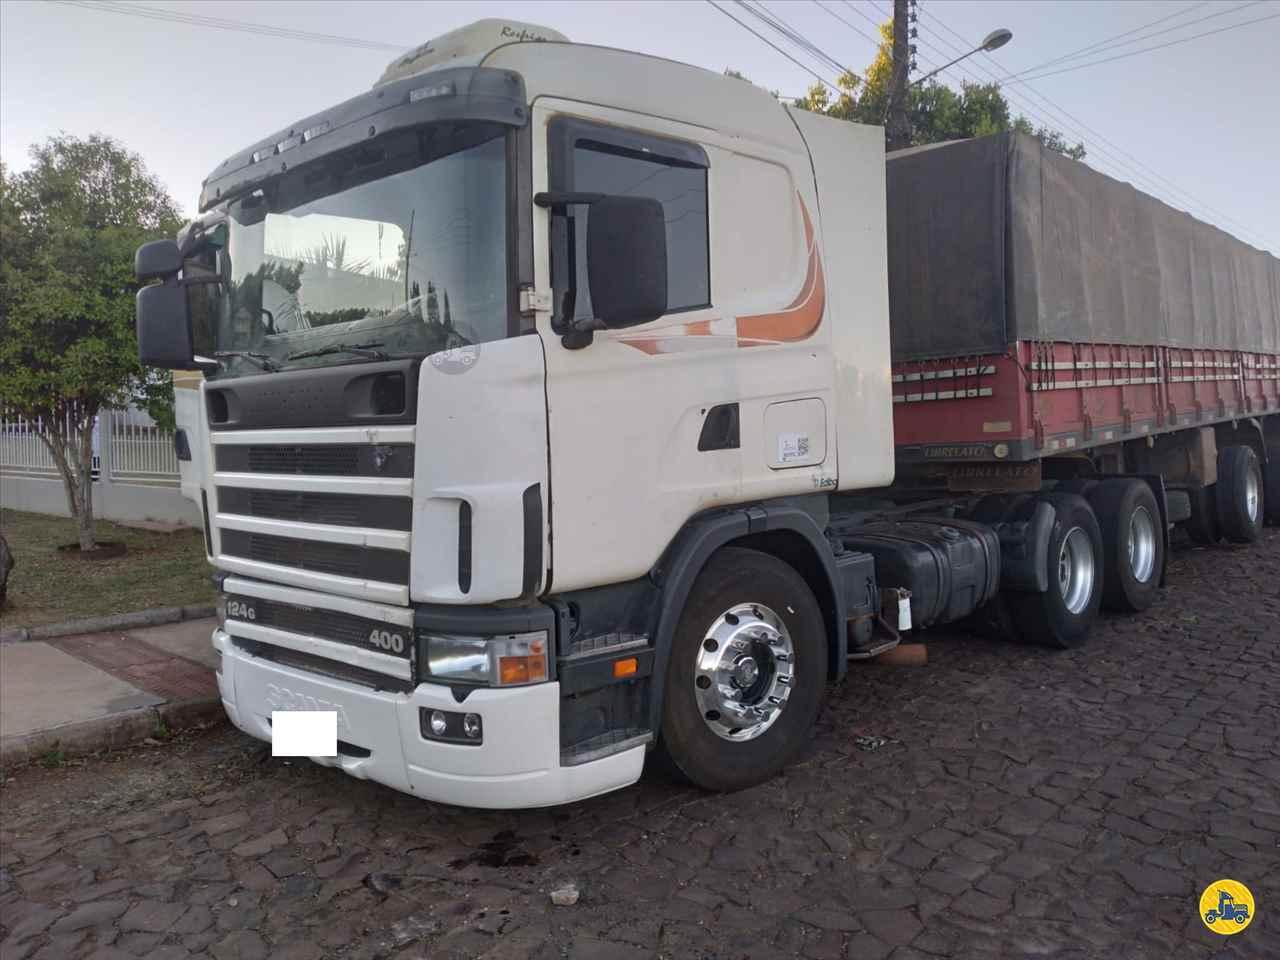 CAMINHAO SCANIA SCANIA 124 400 Cavalo Mecânico Truck 6x2 Transmap Caminhões SANTA ROSA RIO GRANDE DO SUL RS